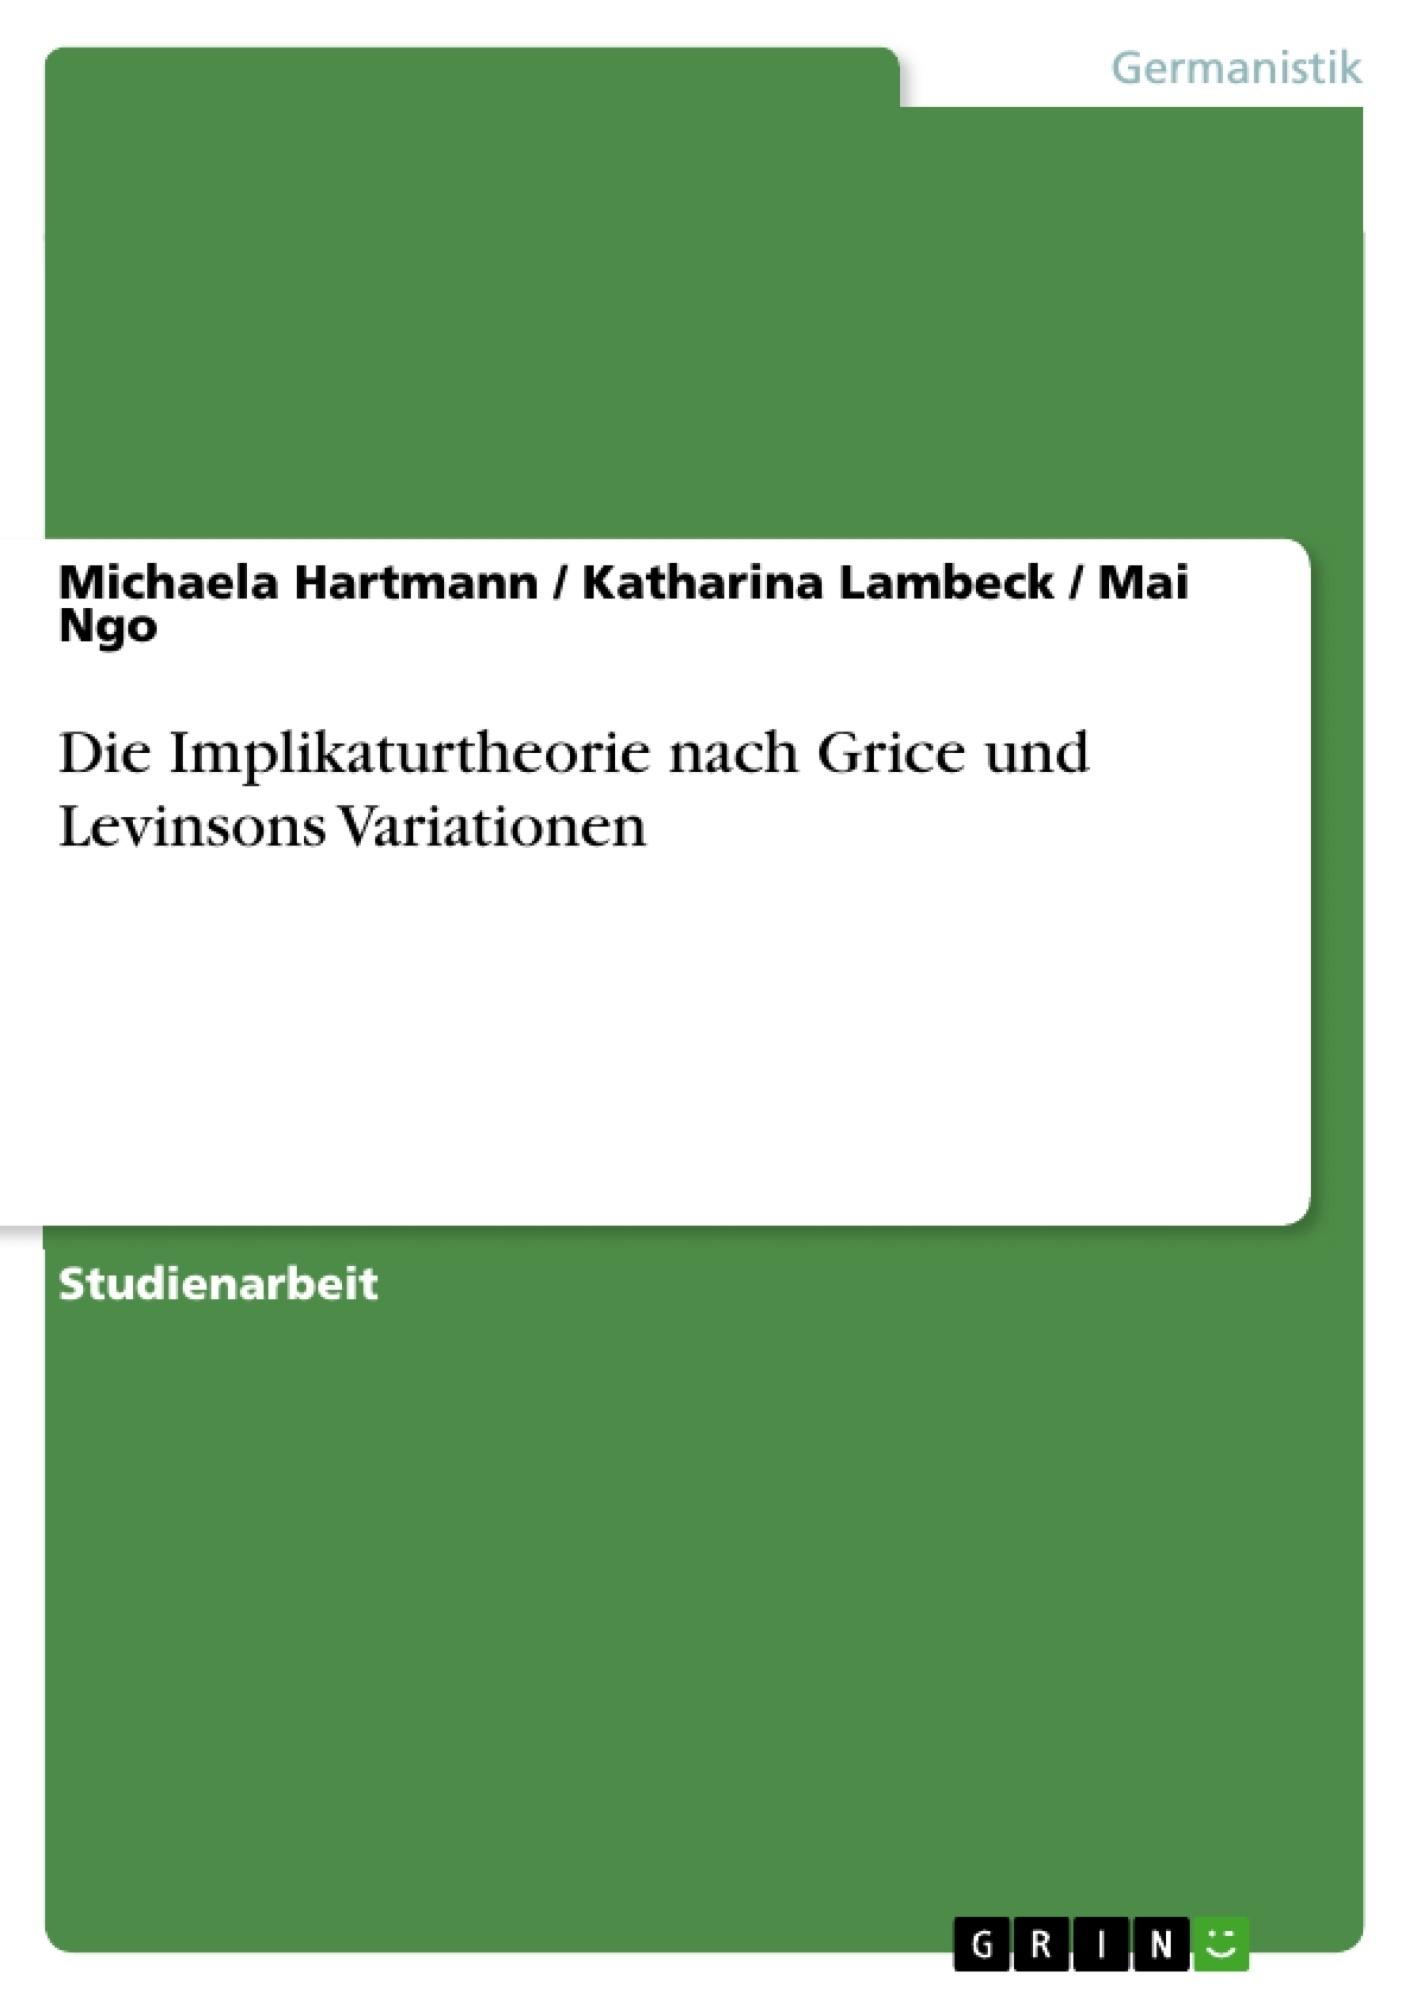 Titel: Die Implikaturtheorie nach Grice und Levinsons Variationen